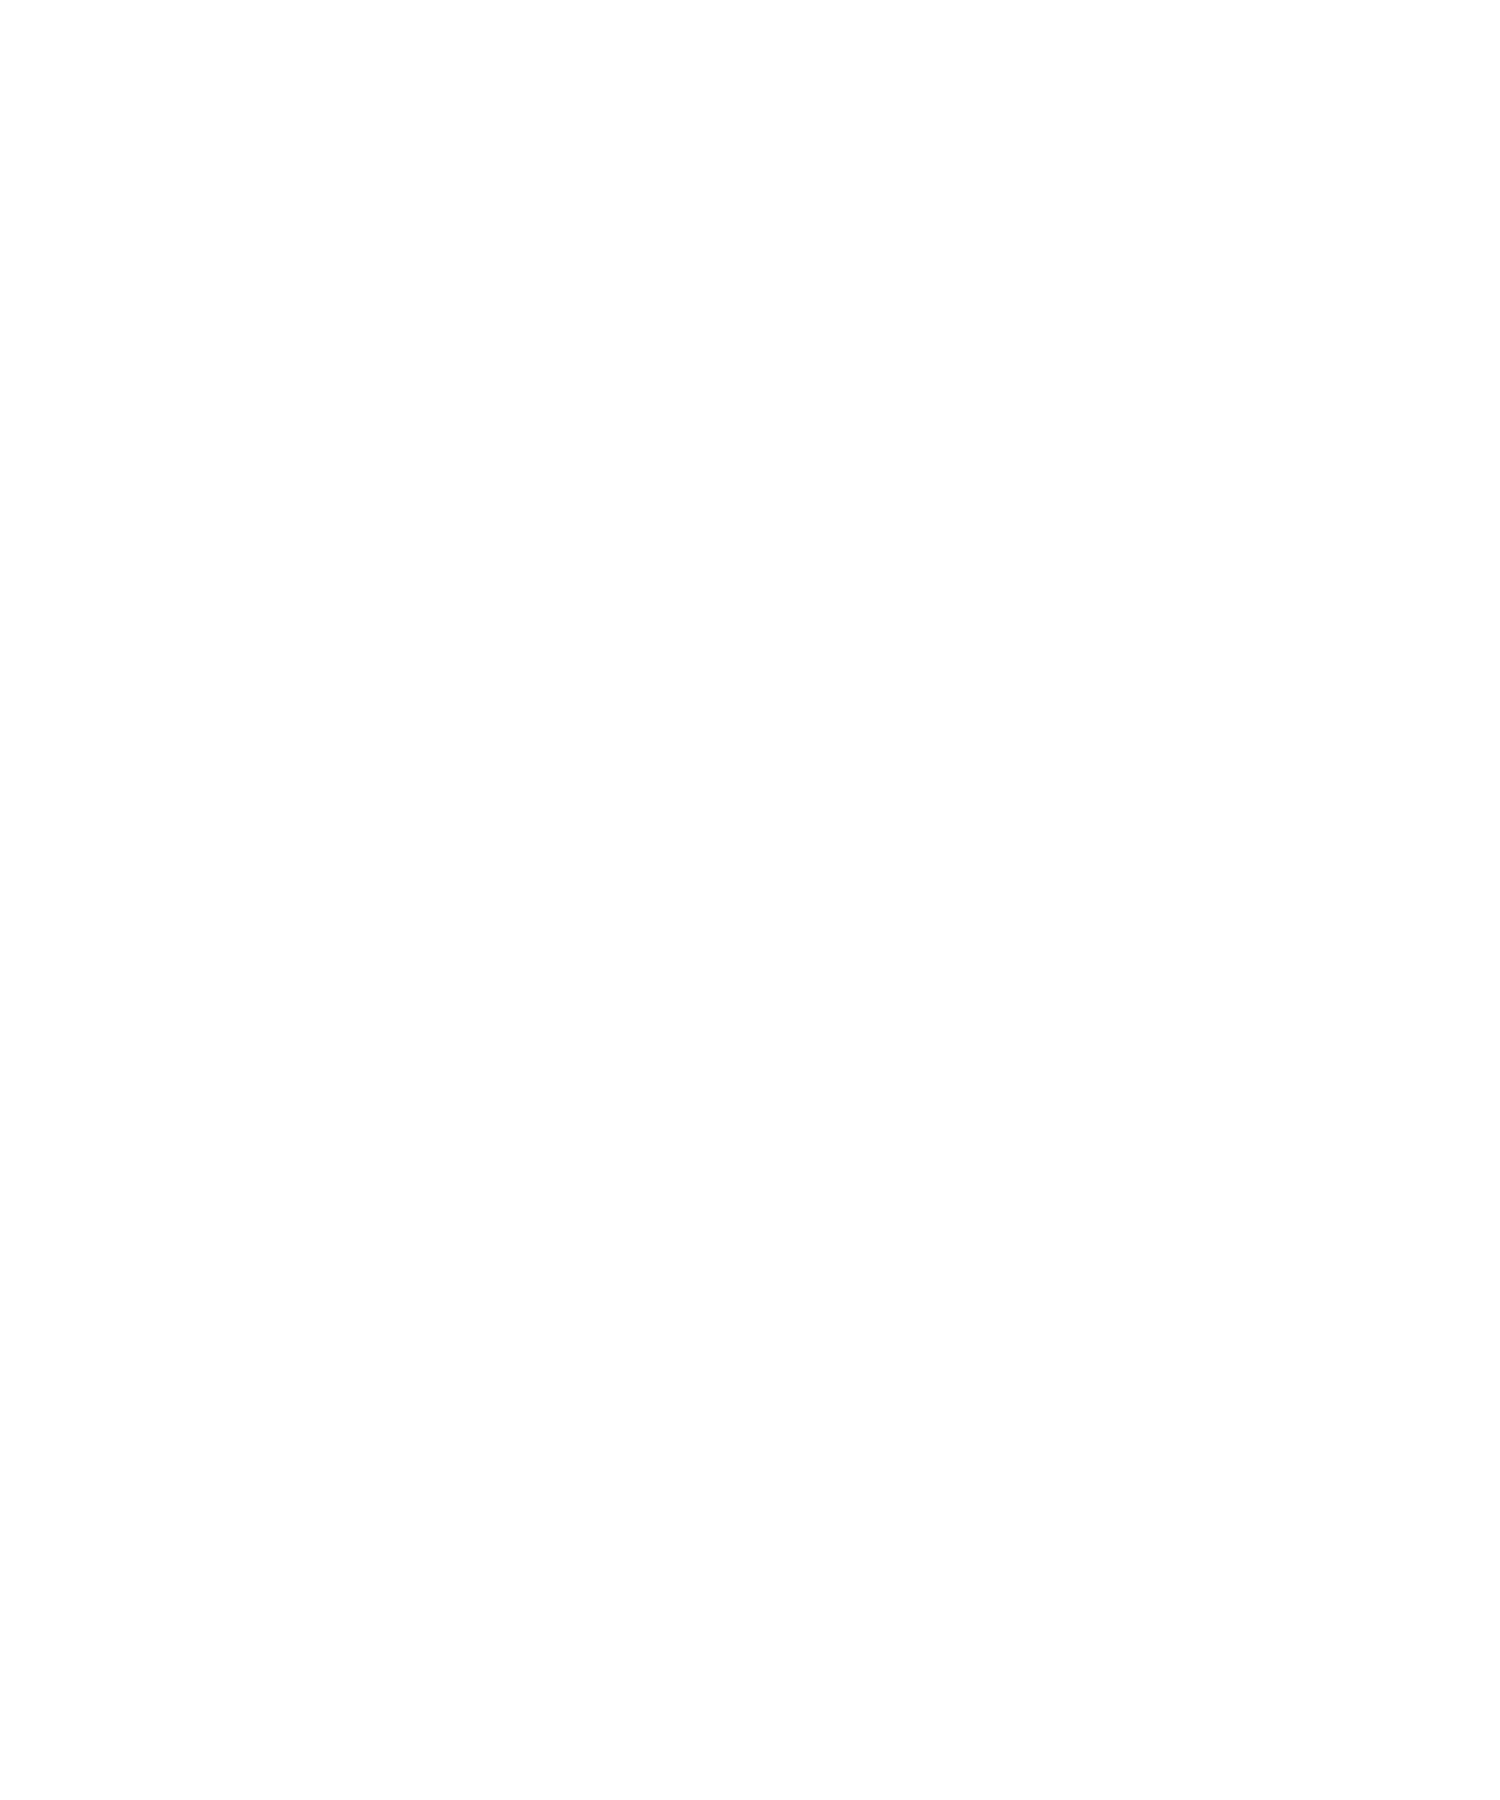 COLLAGE GALLARDAGALANTE(コラージュ ガリャルダガランテ) 【魅了する美しさ】配色フレンチスリーブブラウス